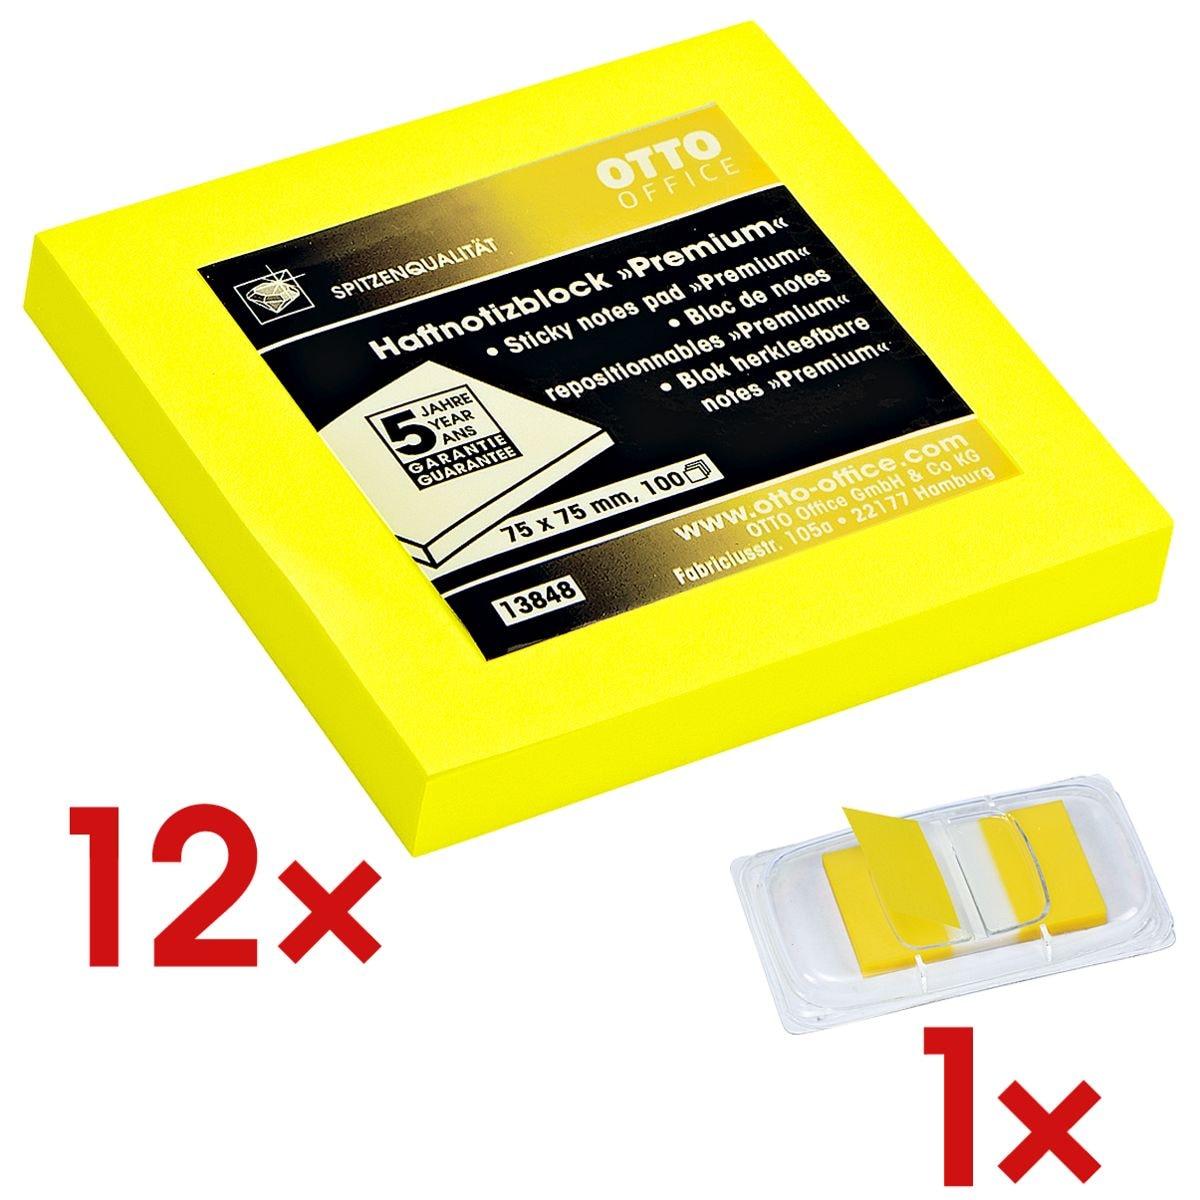 12x OTTO Office Premium blok herkleefbare notes  Premium 7,5 x 7,5 cm, 1200 bladen (totaal), geel incl. Indexstroken 43 x 25 mm